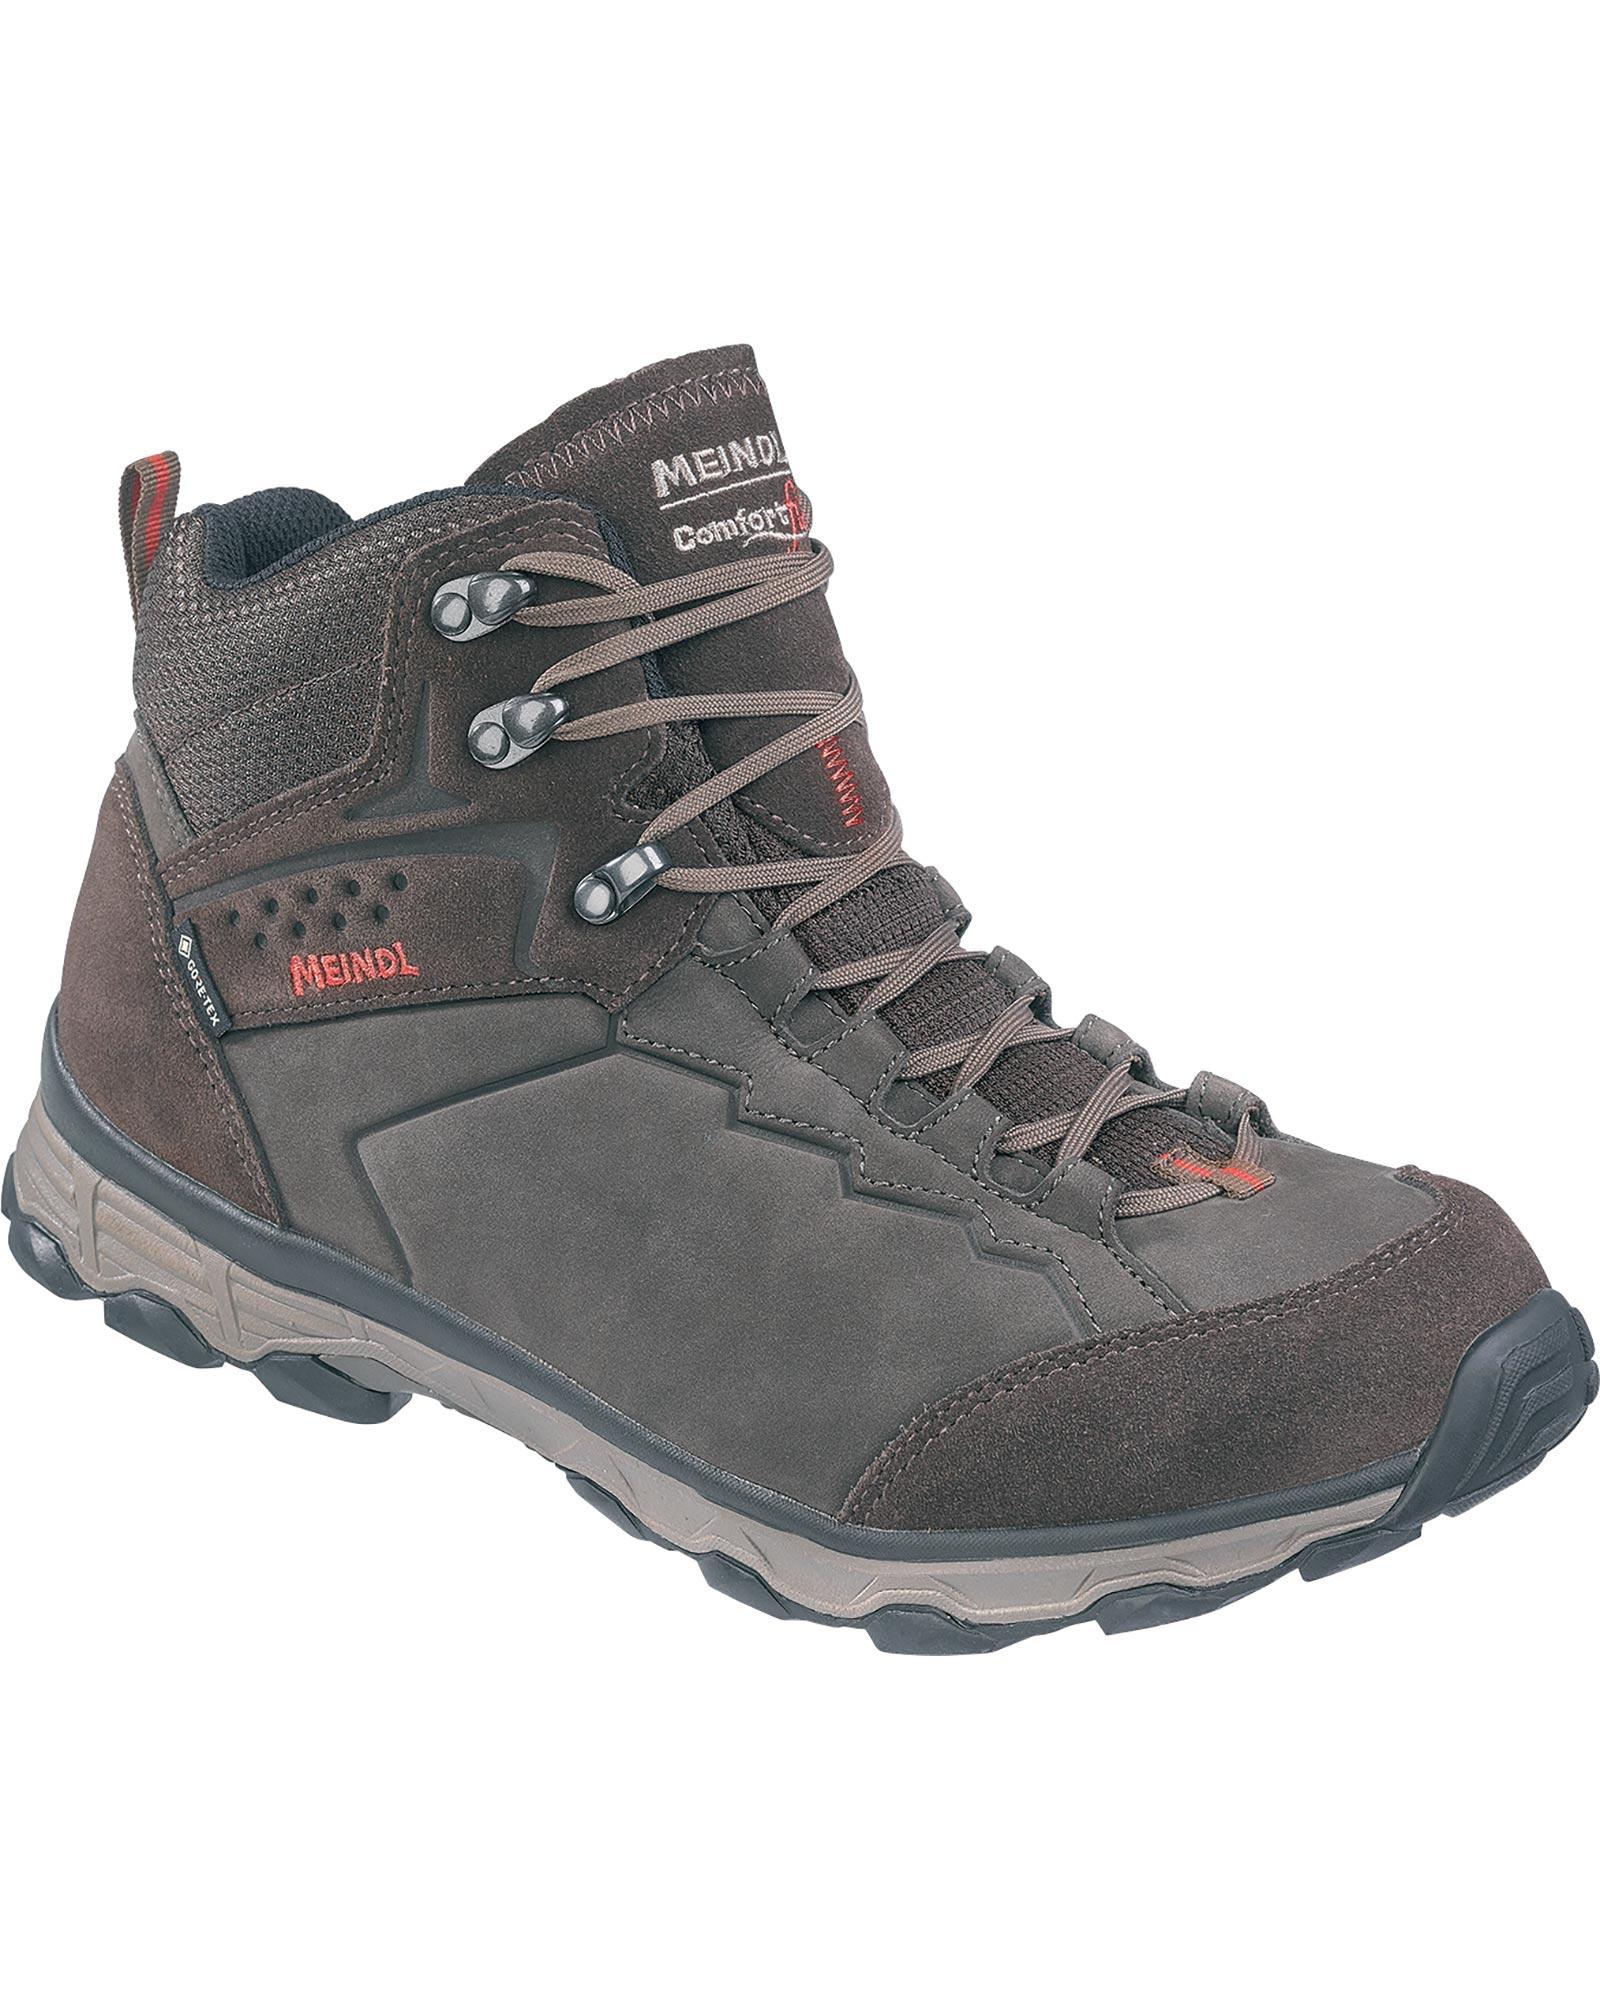 Meindl Men's Grado GORE-TEX Walking Boots Dark Brown/Red 0